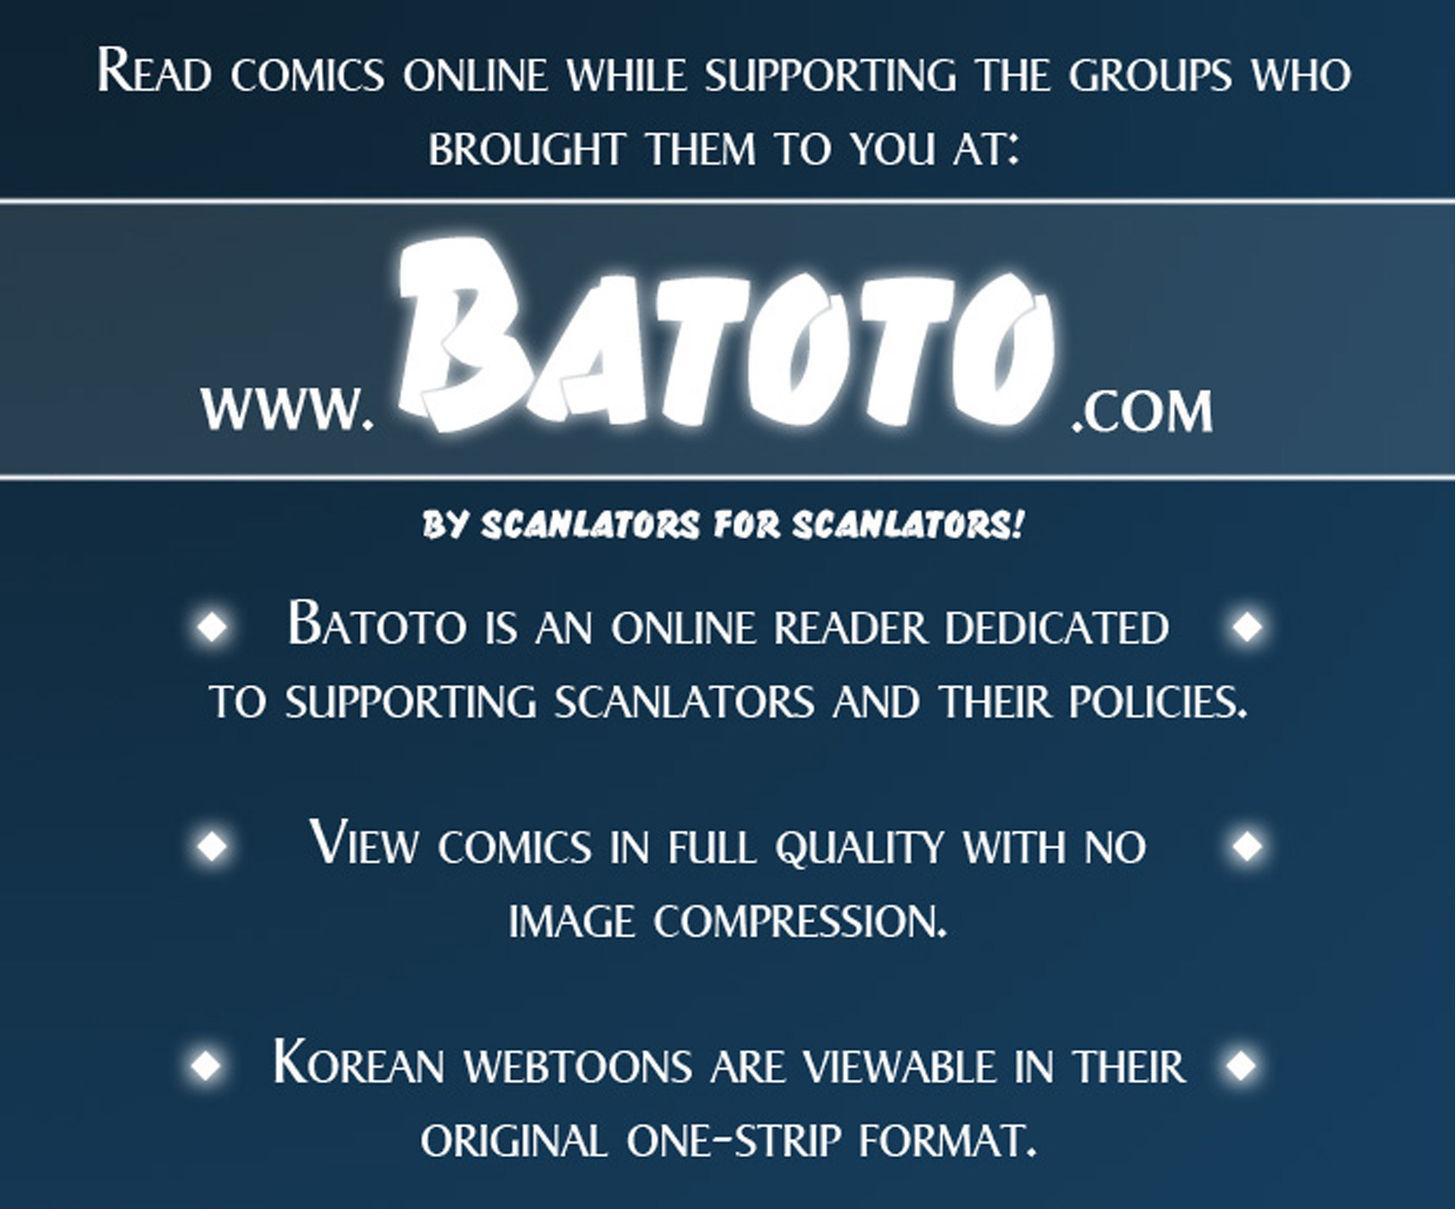 https://im.nineanime.com/comics/pic9/43/171/12706/Kingdom970703.jpg Page 1